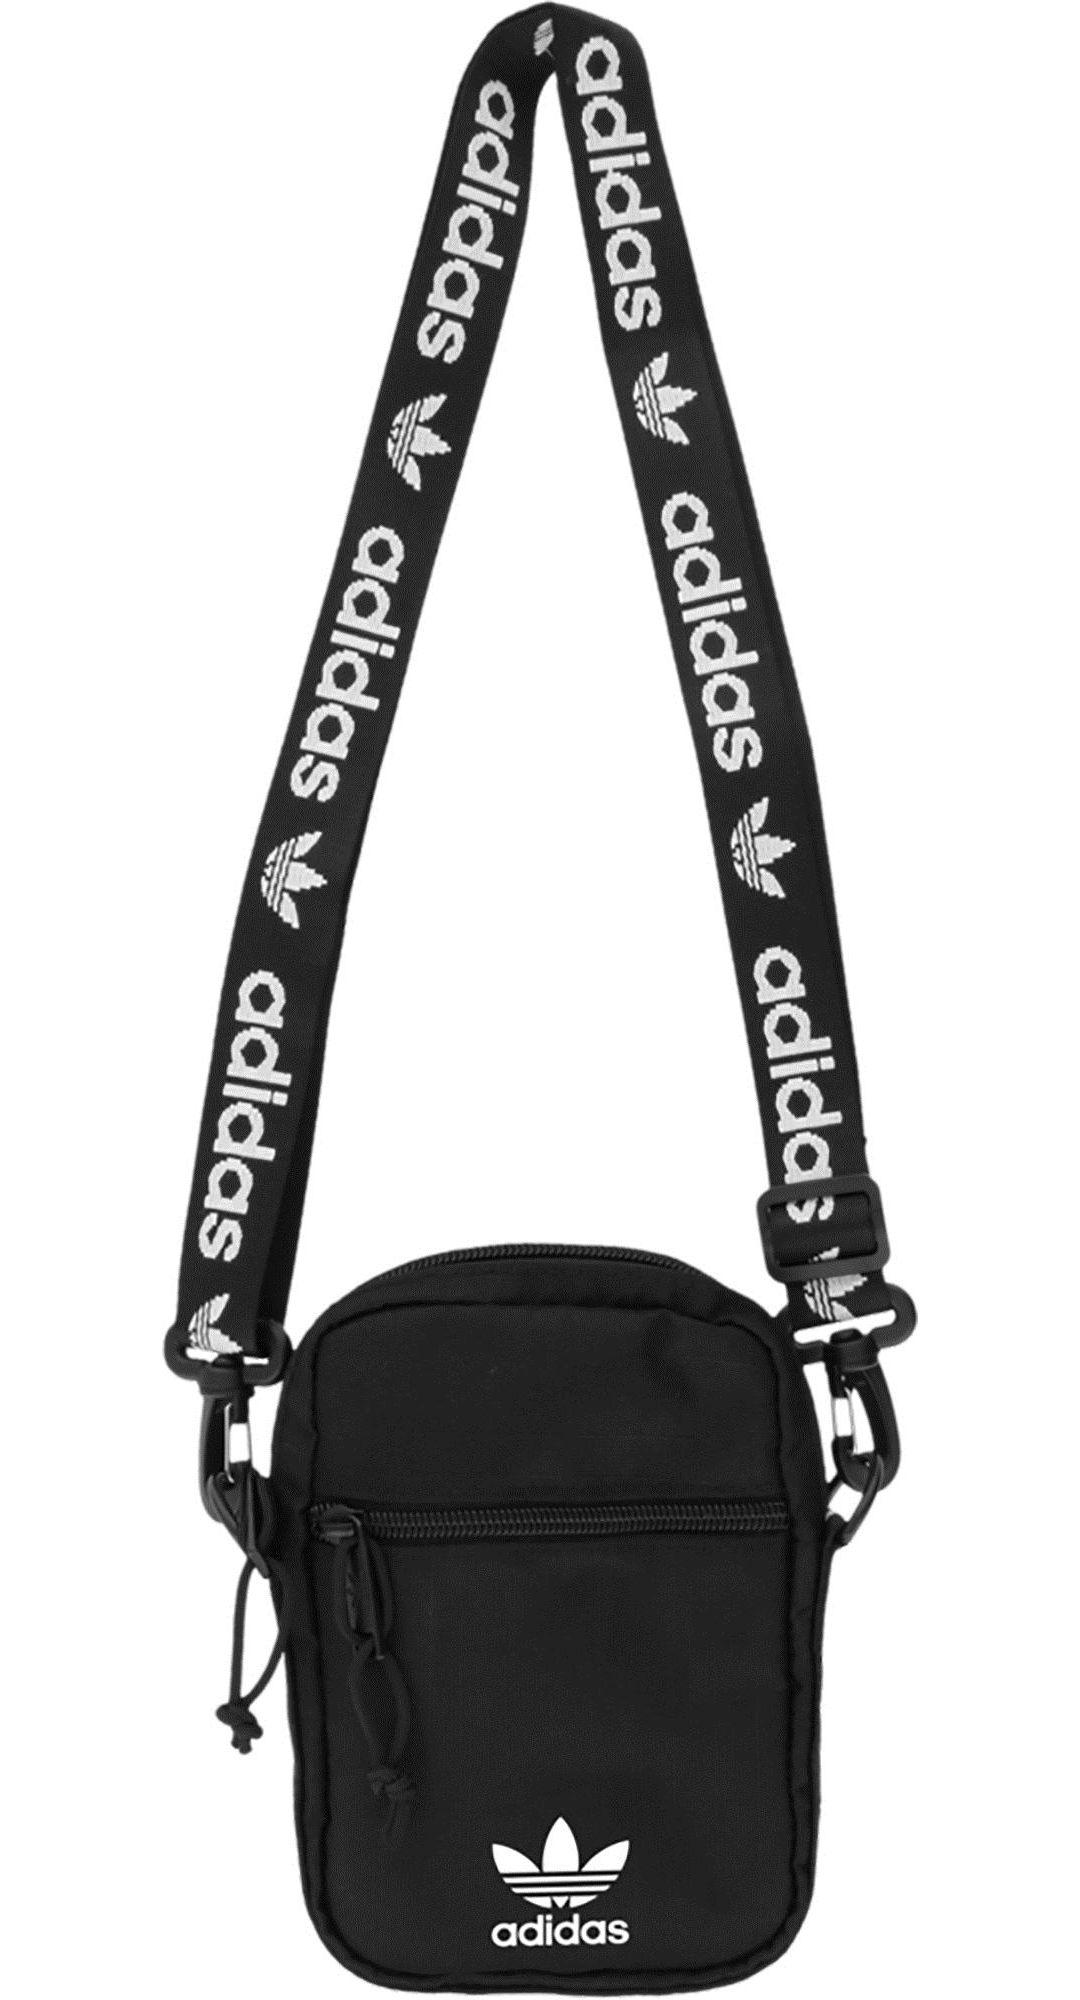 d30231513 adidas Original Festival Crossbody Bag | DICK'S Sporting Goods